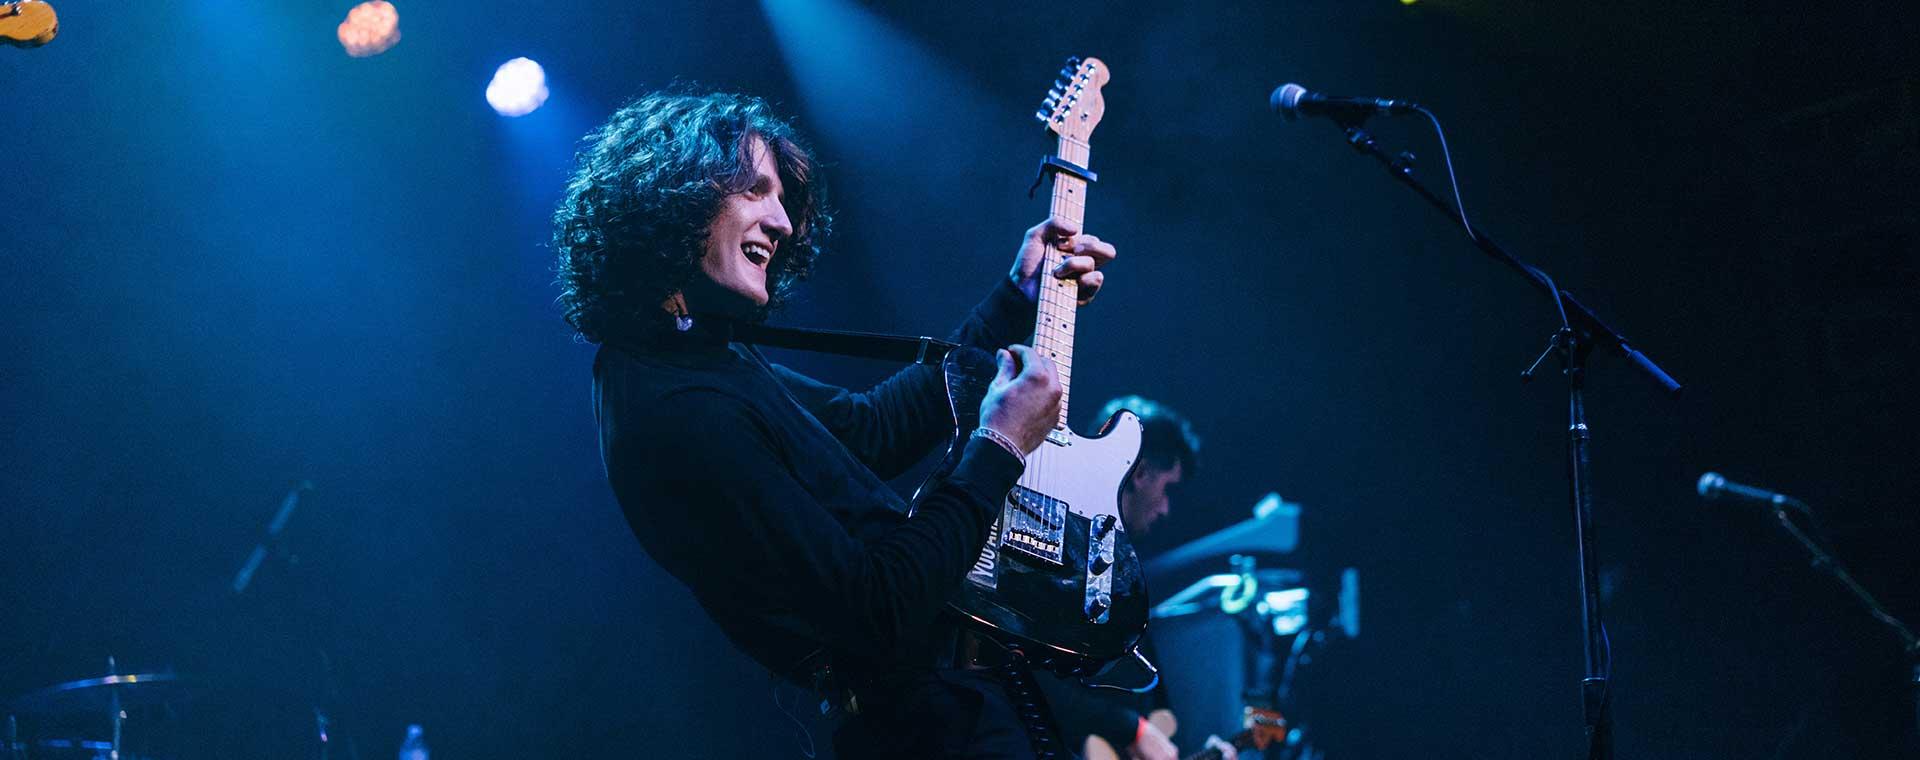 Gitarre (Foto: Ben Konfrst, unsplash.com)